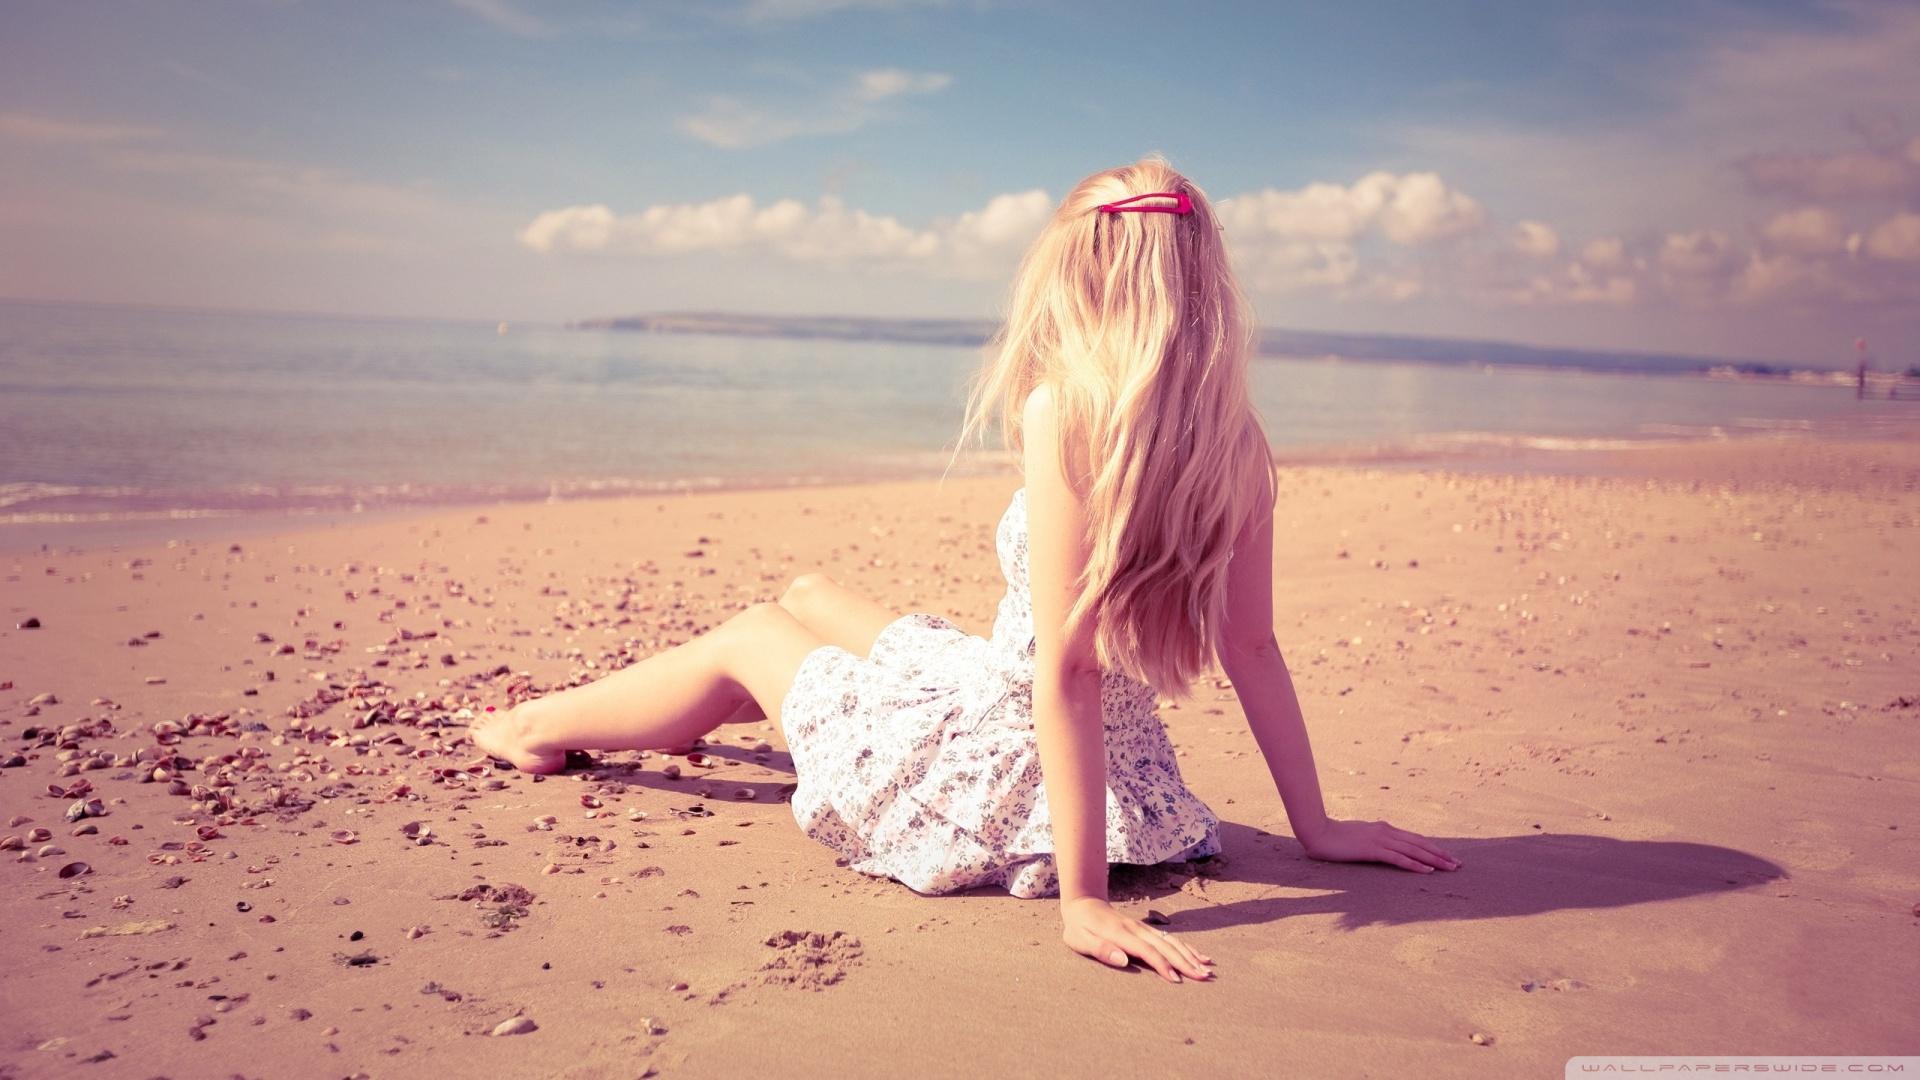 Blonde Girl On The Beach HD desktop wallpaper : High Definition